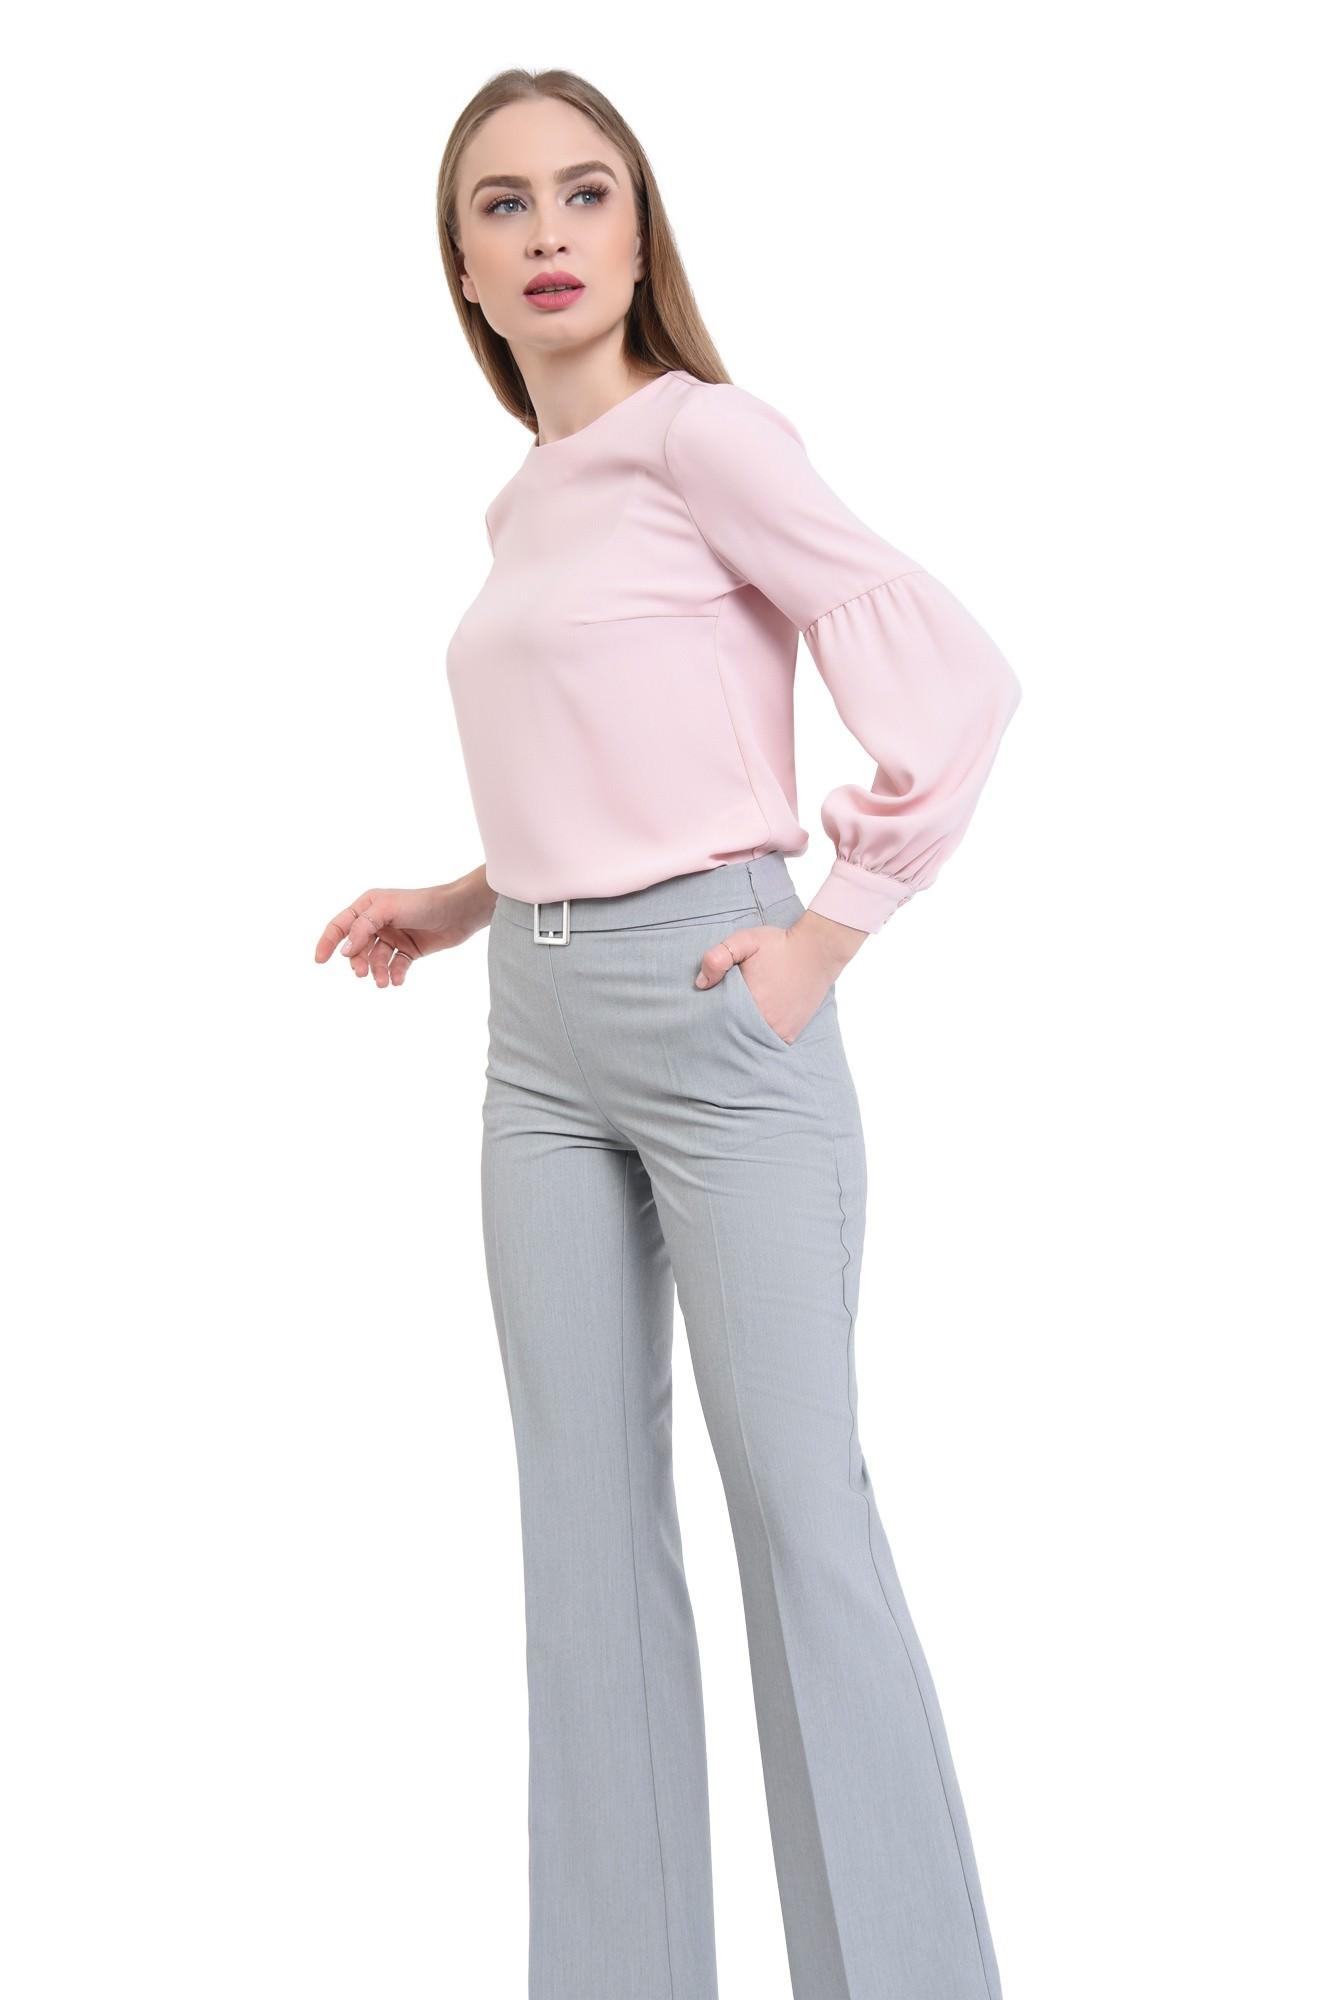 0 - Pantaloni evazati, la dunga, gri